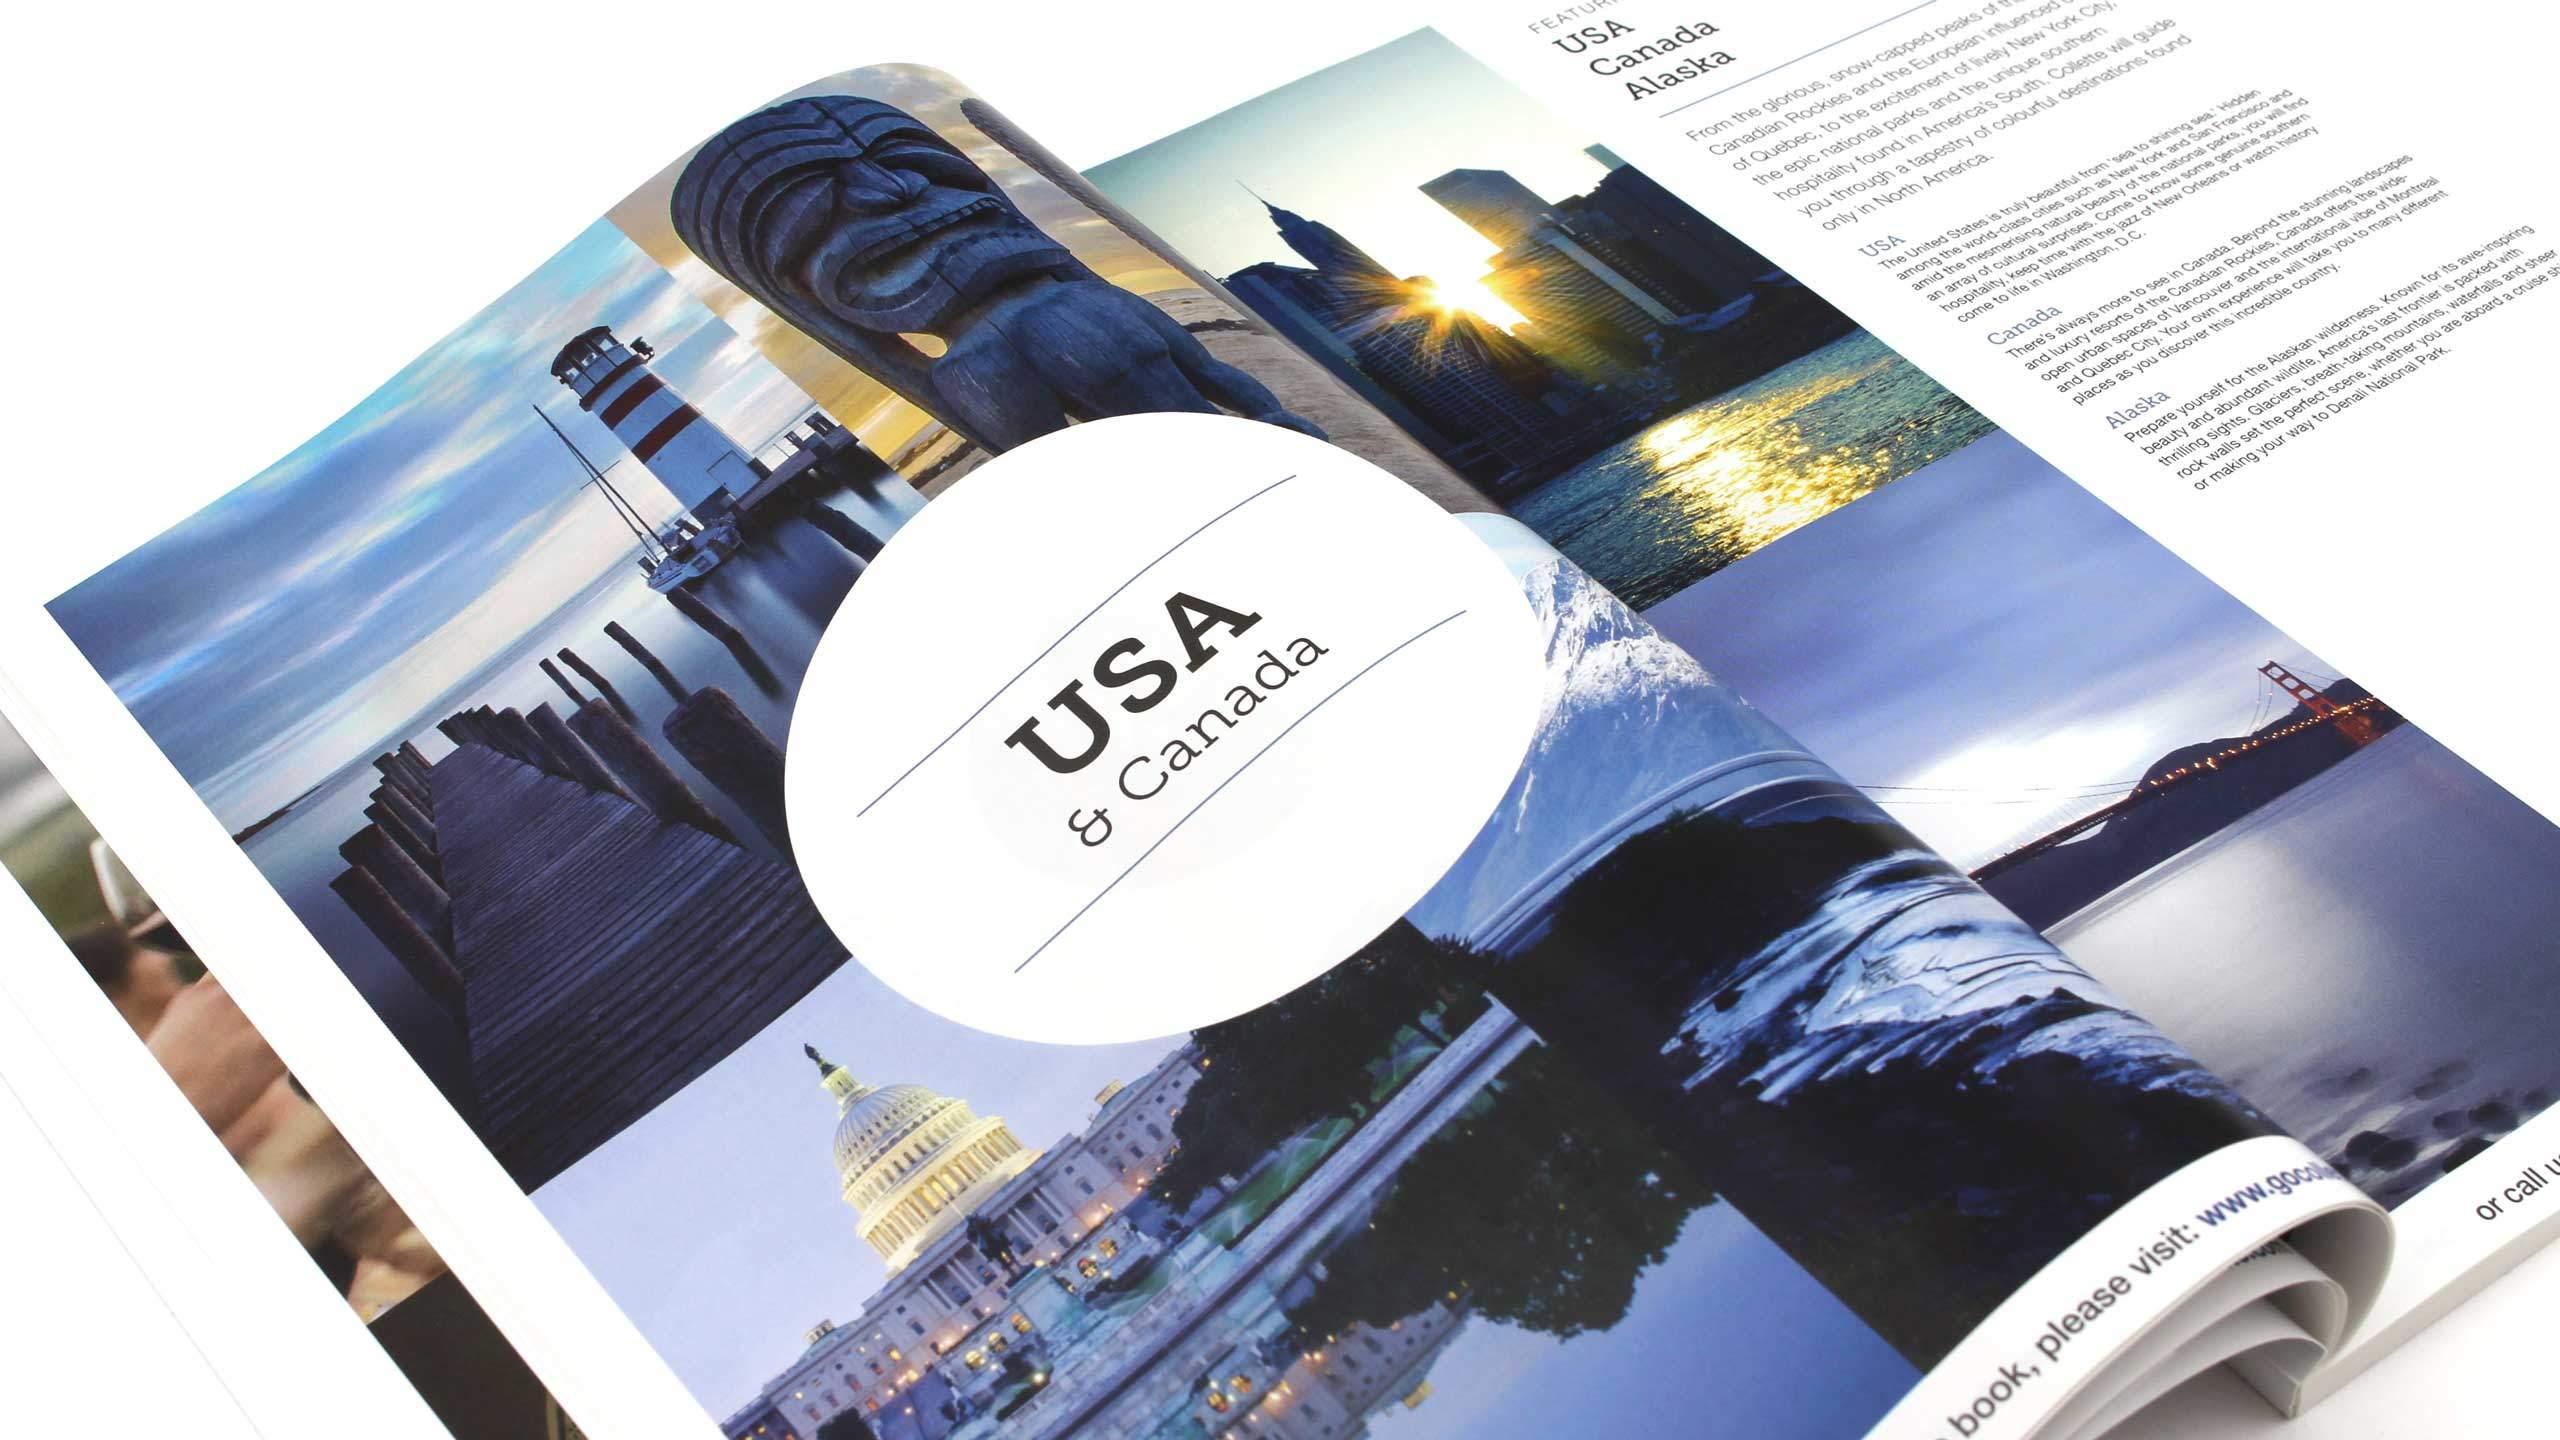 Collette brochure USA & Canada spread